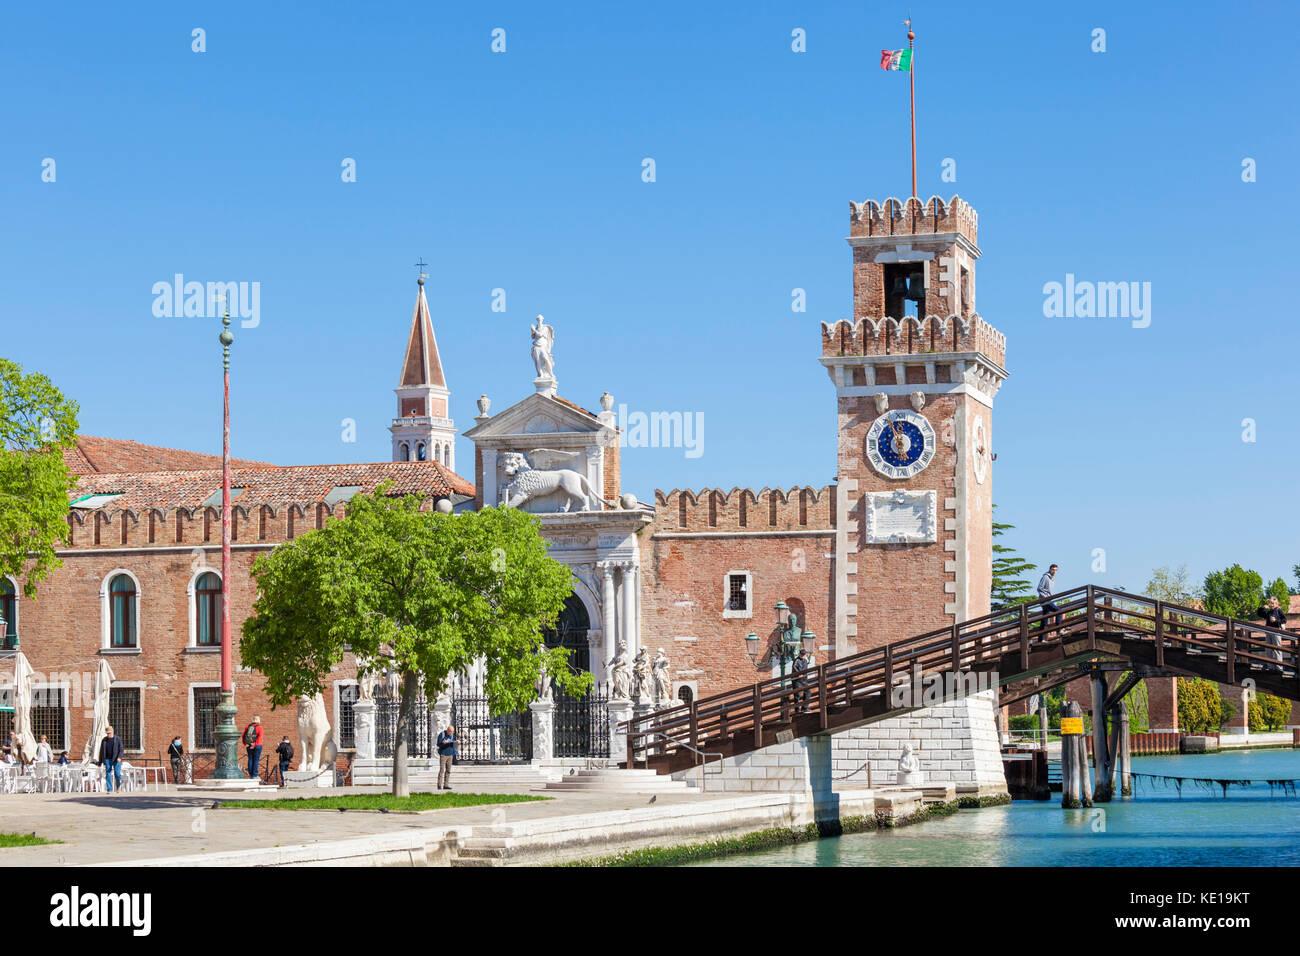 italy Venice italy Venetian Arsenal Arsenale di Venezia Ponte del Purgatorio and The Porta Magna at the Venetian Stock Photo